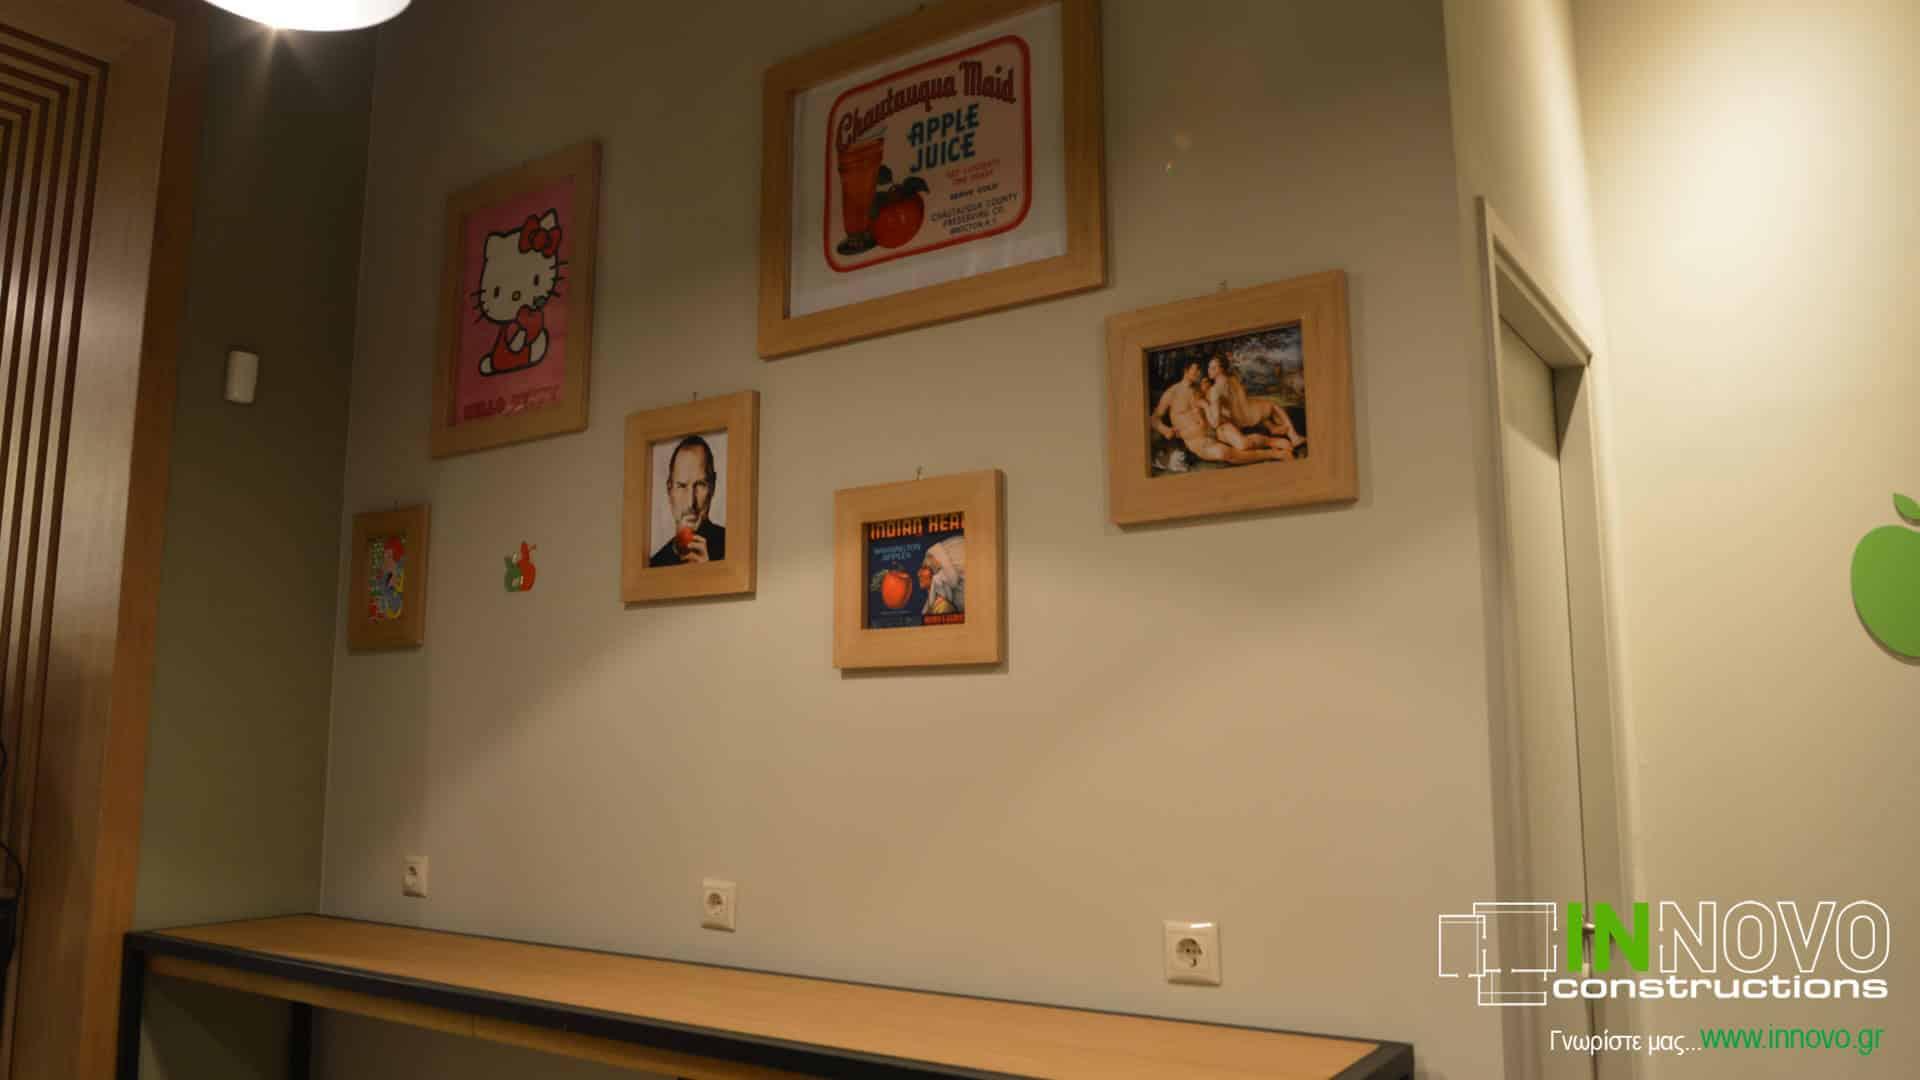 anakainisi-snack-cafe-renovation-fastfood-ano-petralona-1462-5